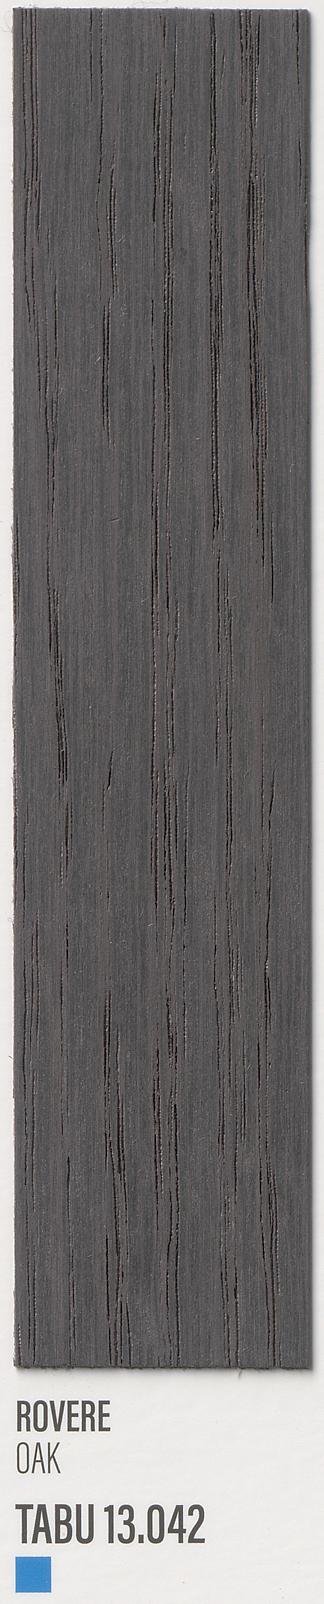 B67-(300dpi)(20181031)